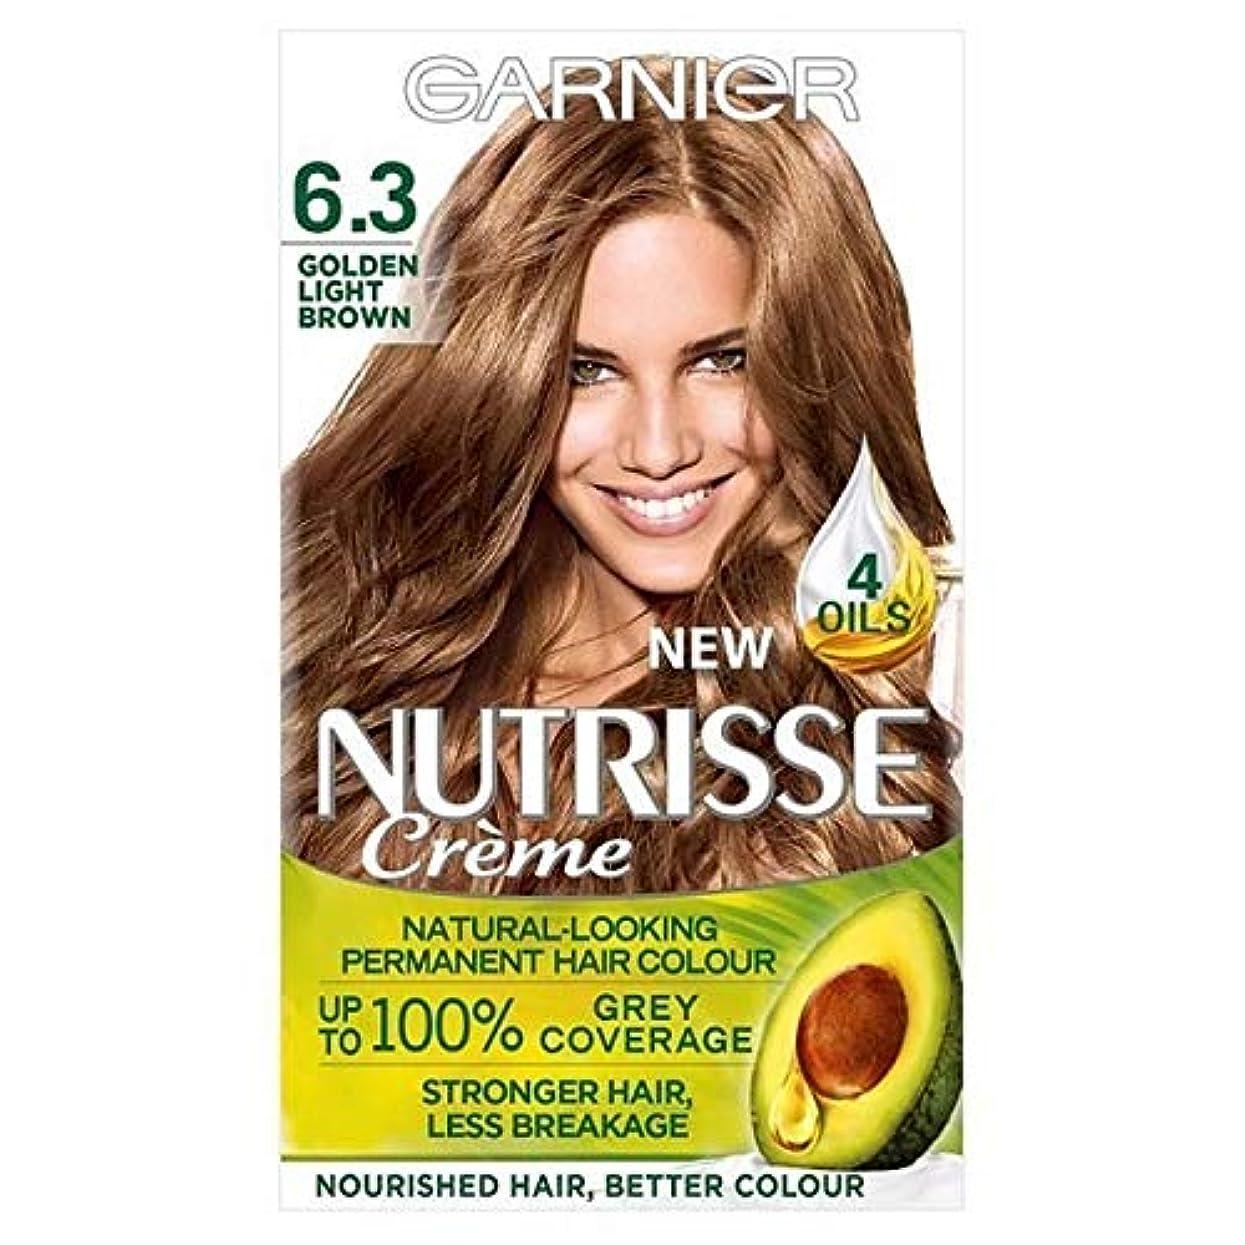 医療過誤レスリング計画[Garnier ] ガルニエNutrisse永久染毛剤黄金ライトブラウン6.3 - Garnier Nutrisse Permanent Hair Dye Golden Light Brown 6.3 [並行輸入品]